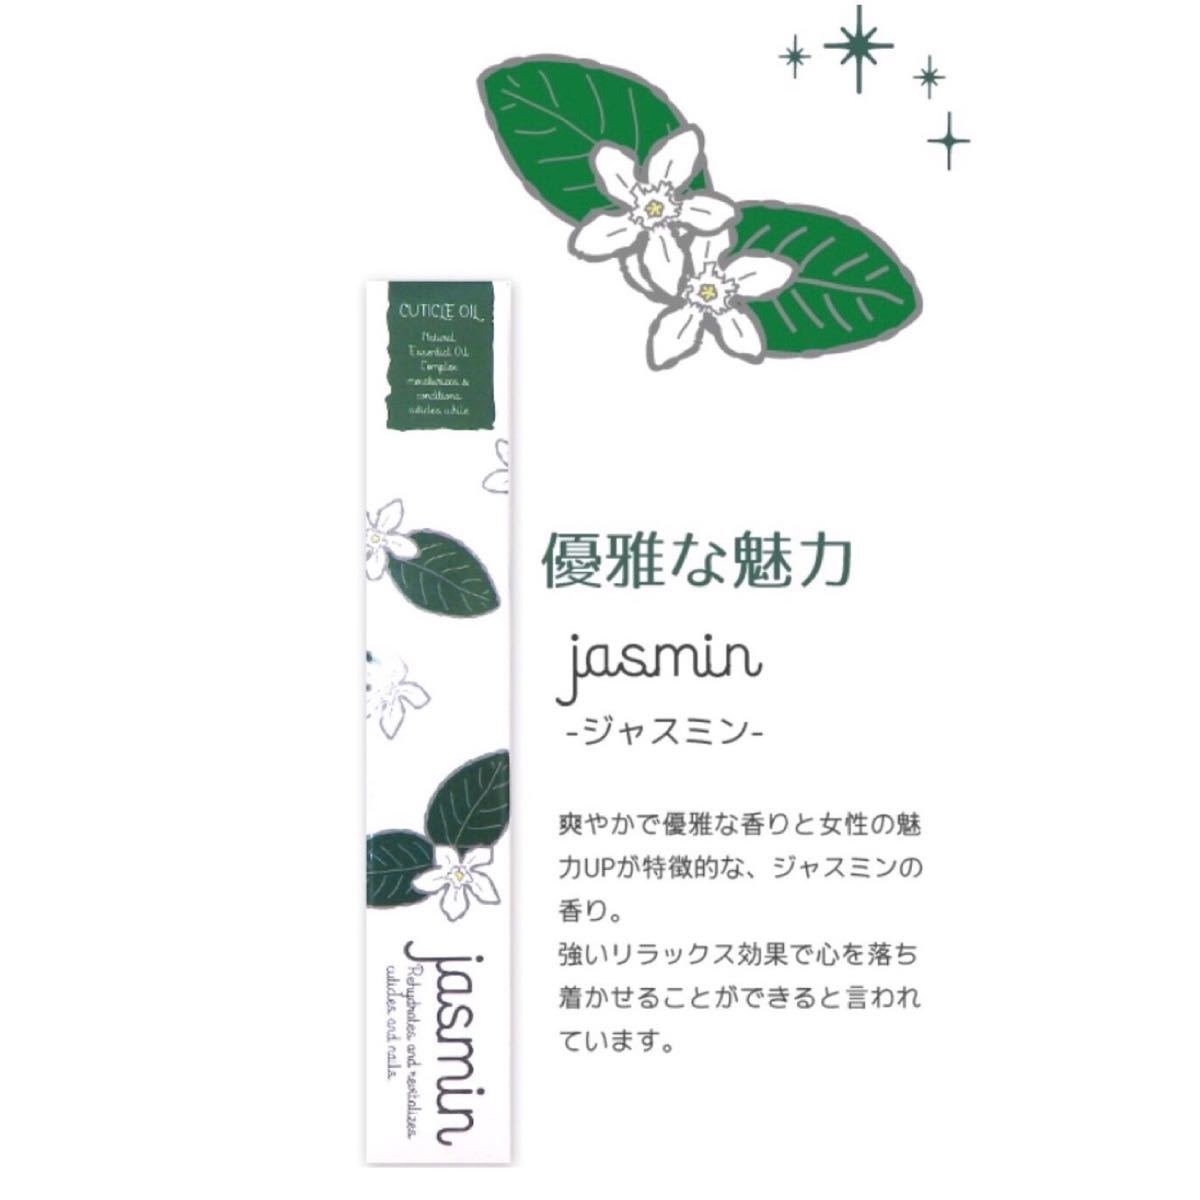 キューティクルオイル☆ジャスミン&バニラ